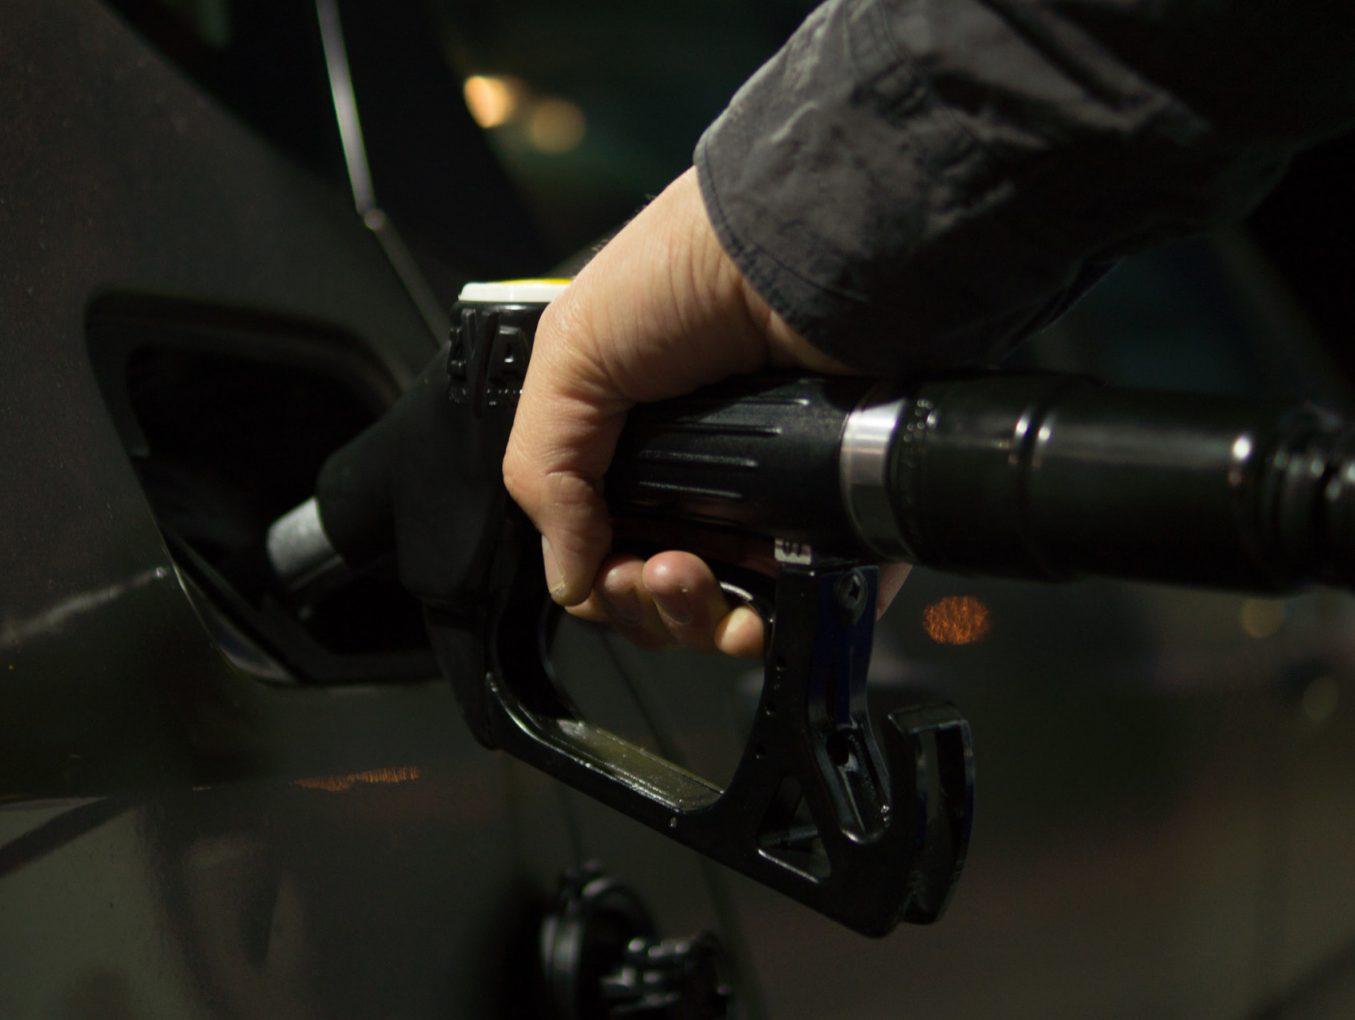 บทความ วิธีช่วยประหยัดน้ำมัน (การขับขี่รถยนต์)